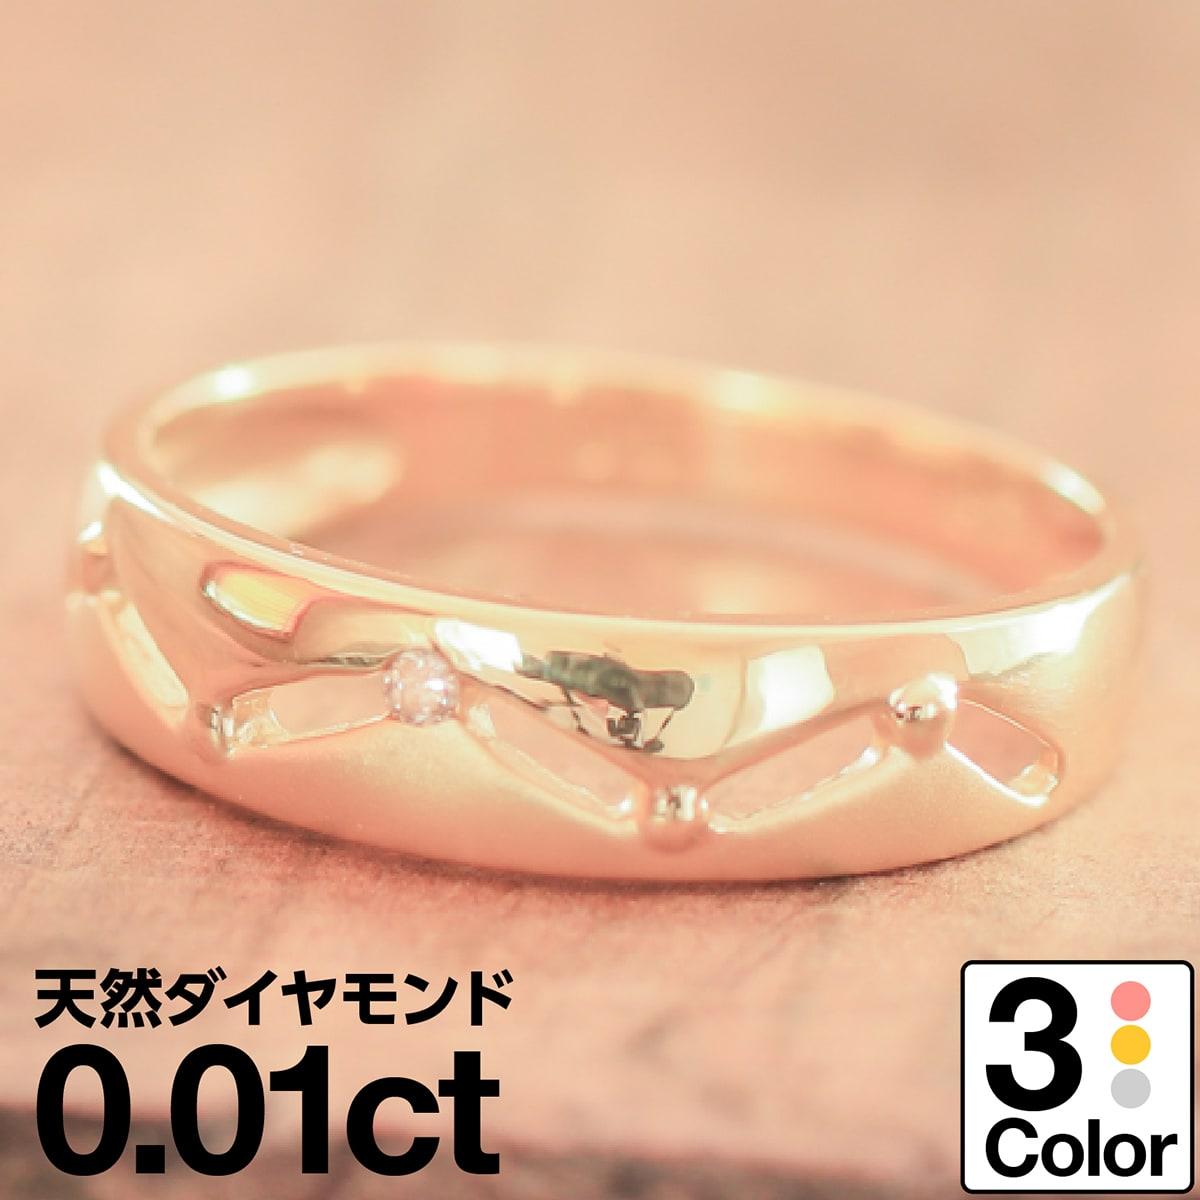 ダイヤモンド リング k18 イエローゴールド/ホワイトゴールド/ピンクゴールド ファッションリング 品質保証書 金属アレルギー 日本製 誕生日 ギフト